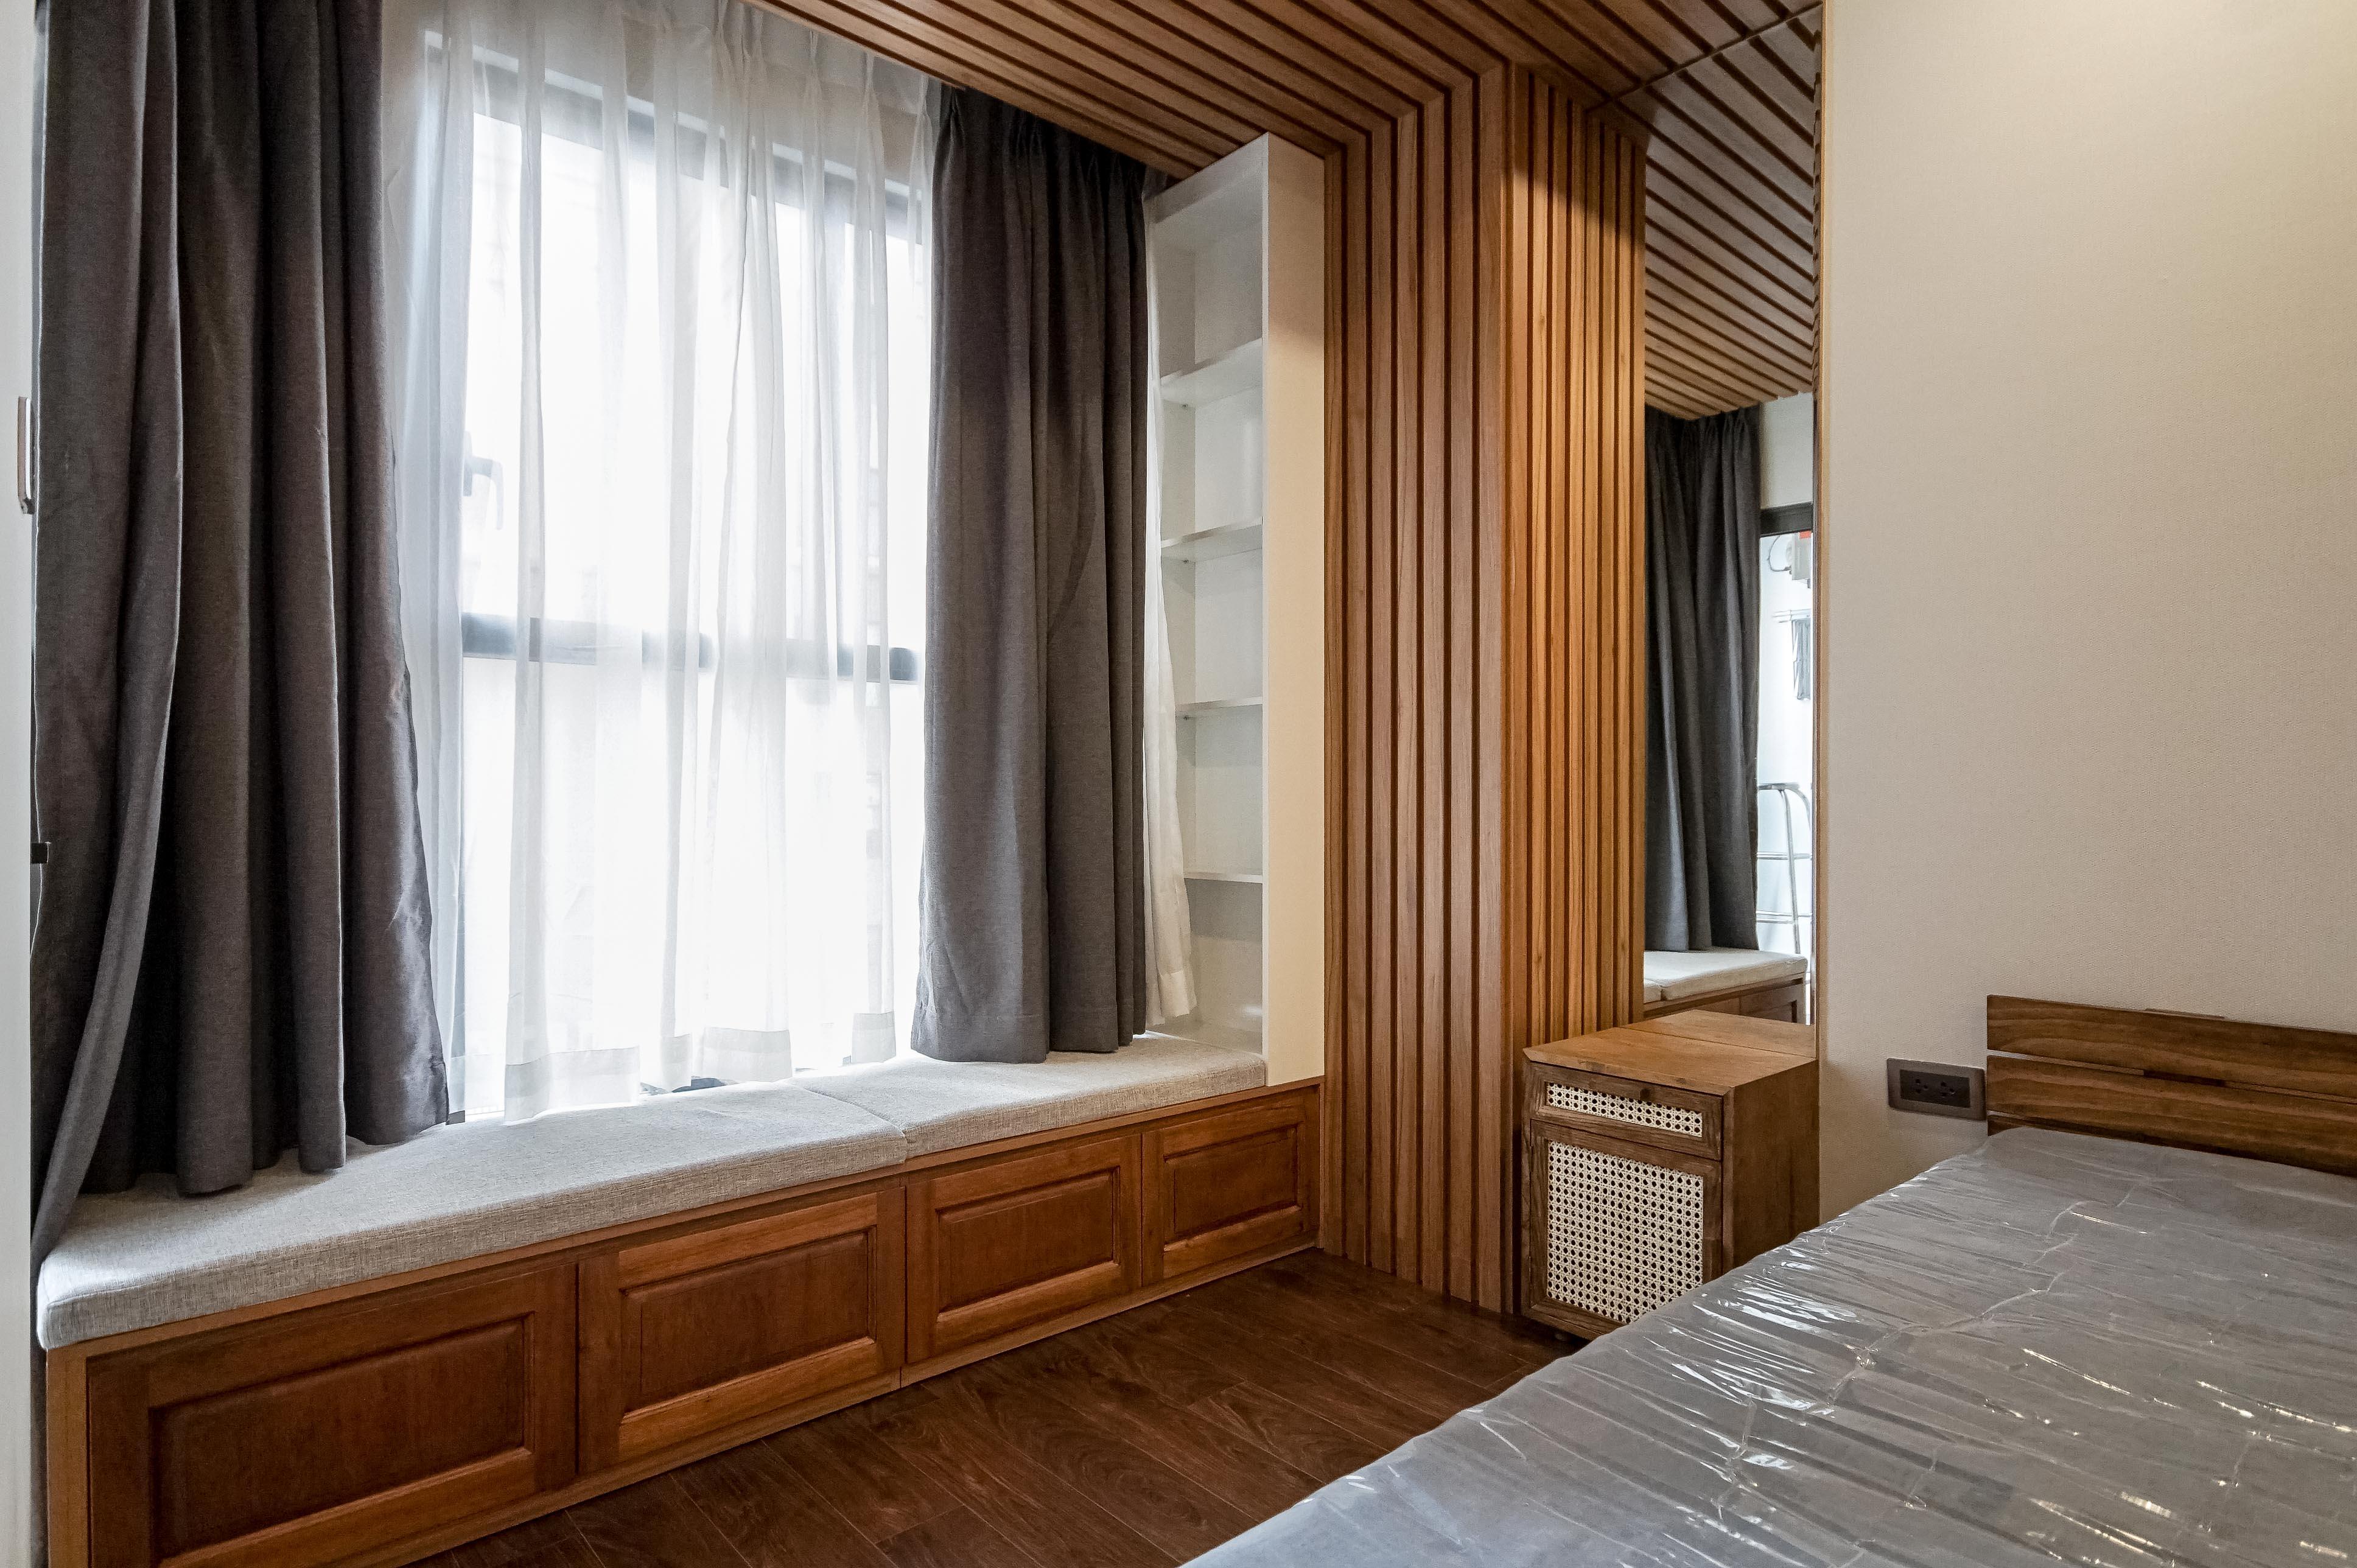 Căn hộ Studio Saigon Royal Residence - Đầy Đủ Nội Thất & Ấm Cúng-8